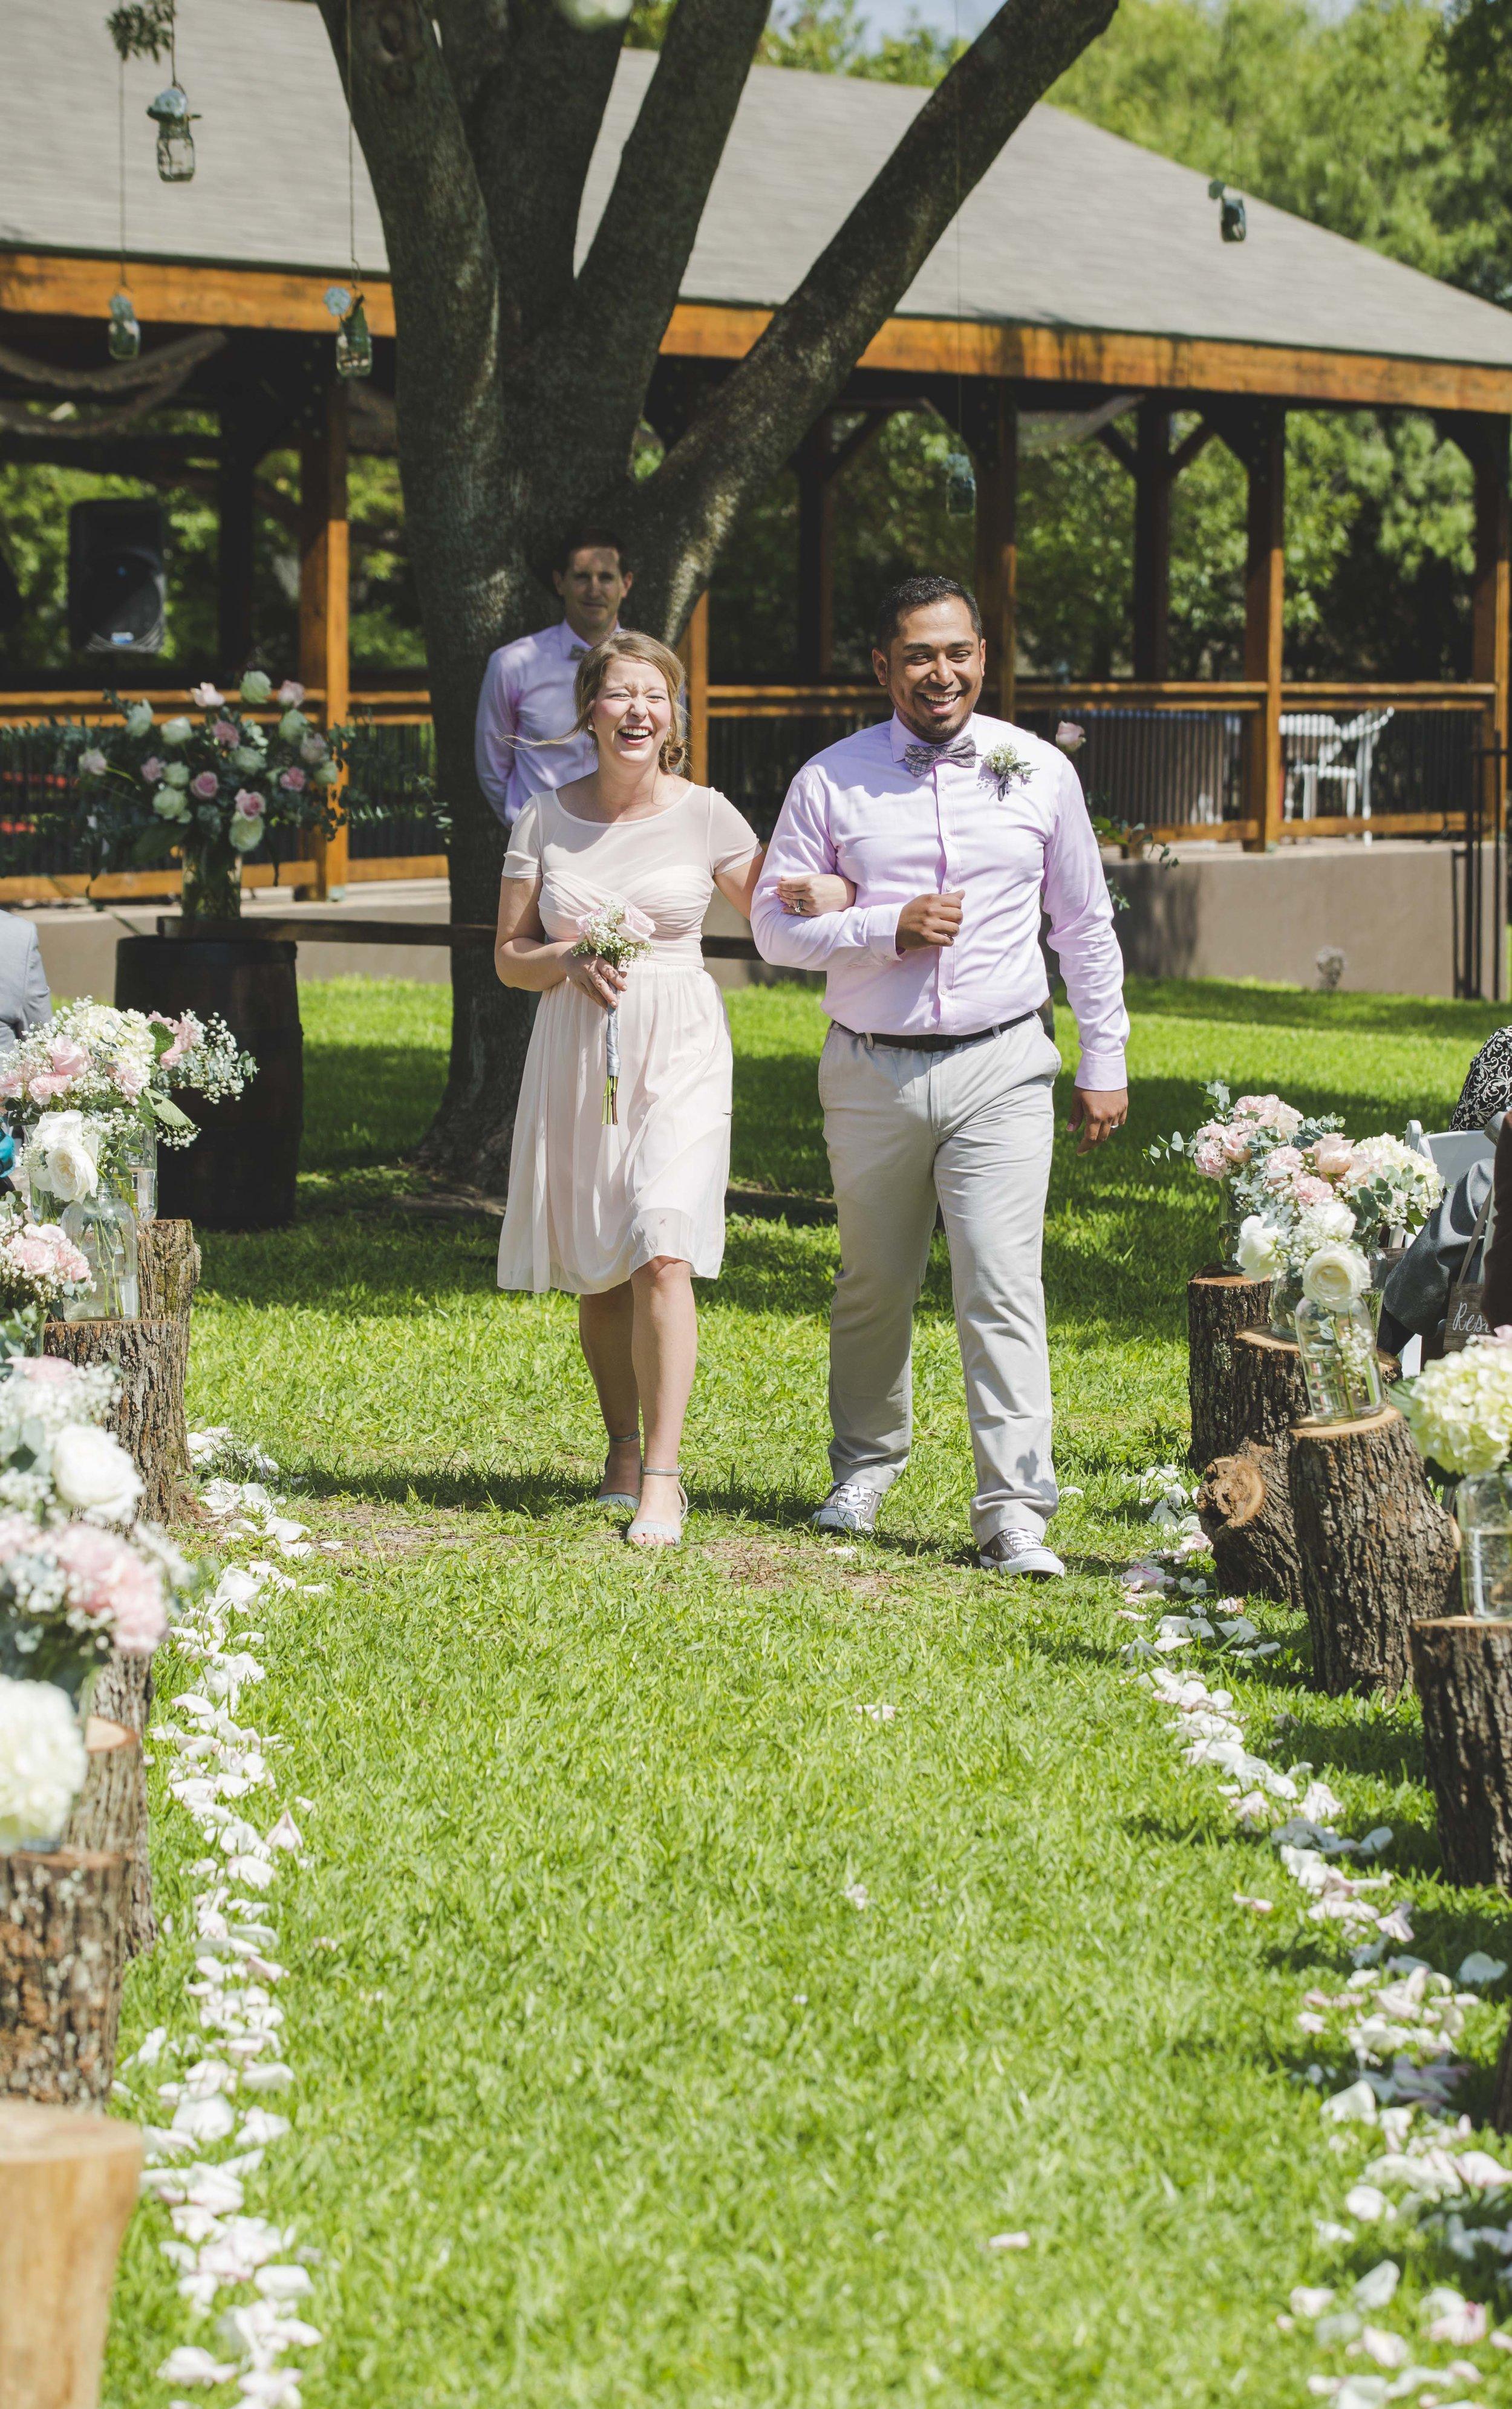 ATGI_Susanna & Matt Wedding_717A7890.jpg